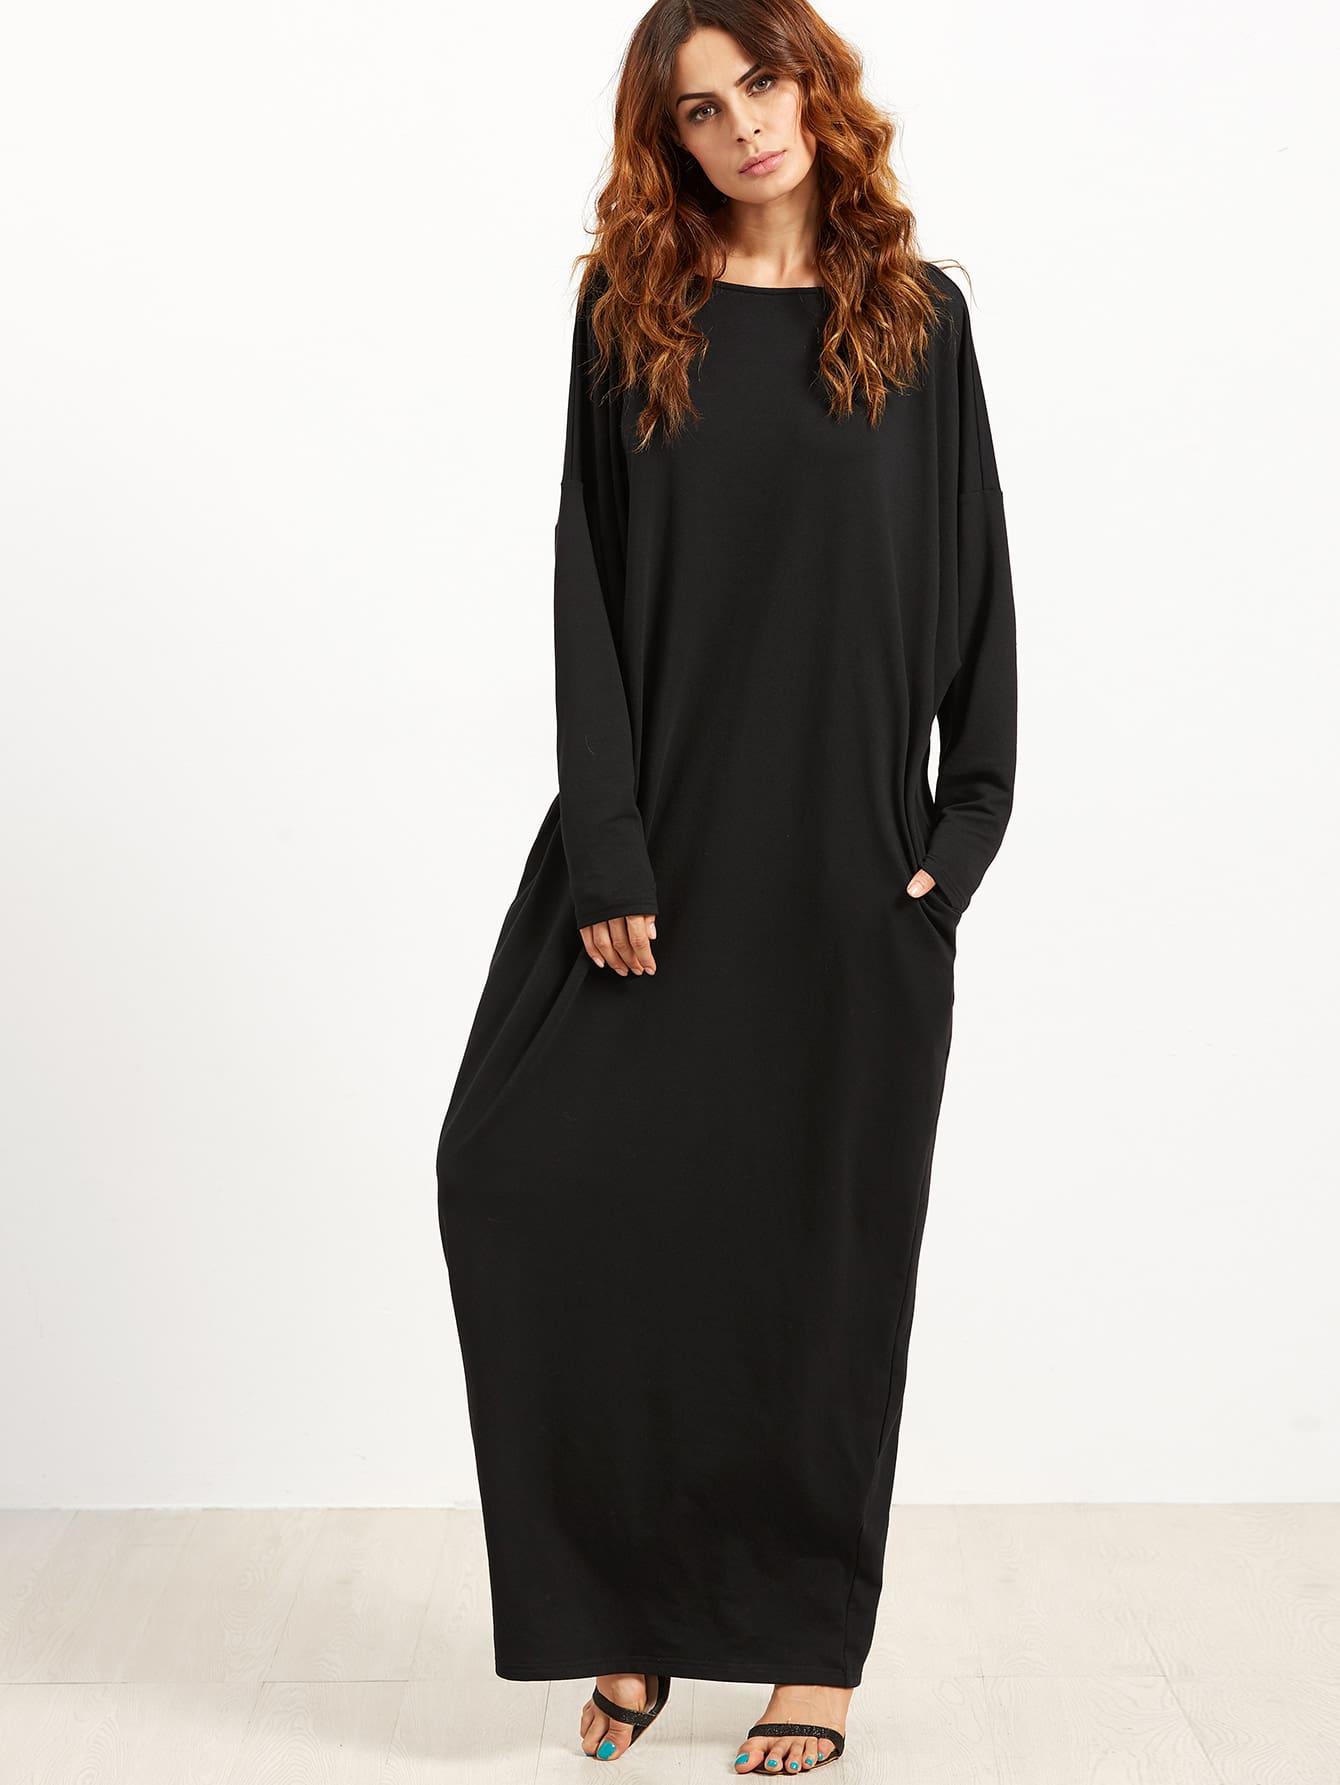 dress160915707_2